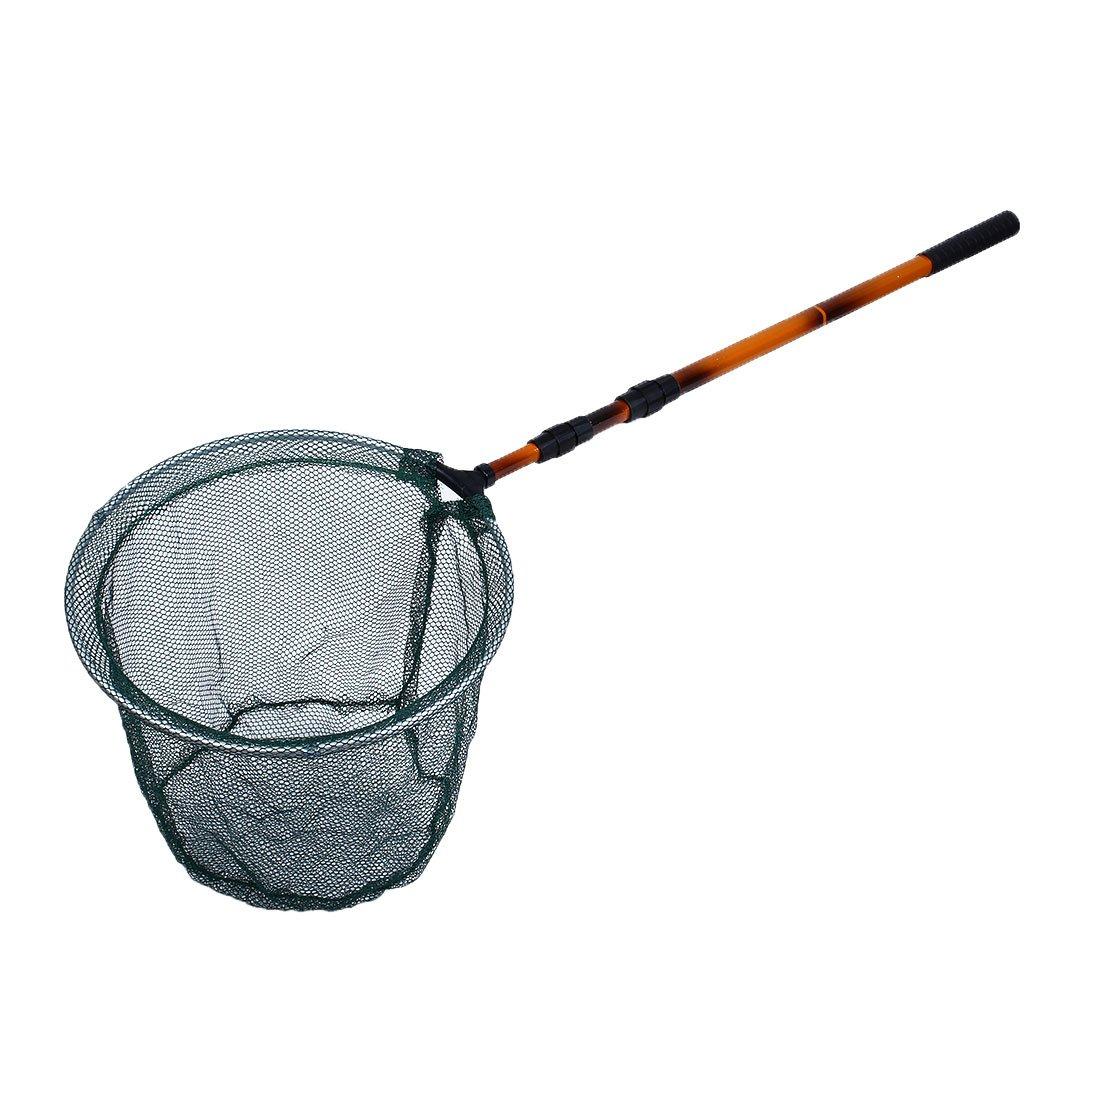 uxcell Aquarium Fish Tank Extendable Handle Round Detachable Landing Net 35cm Wide a17042600ux0383